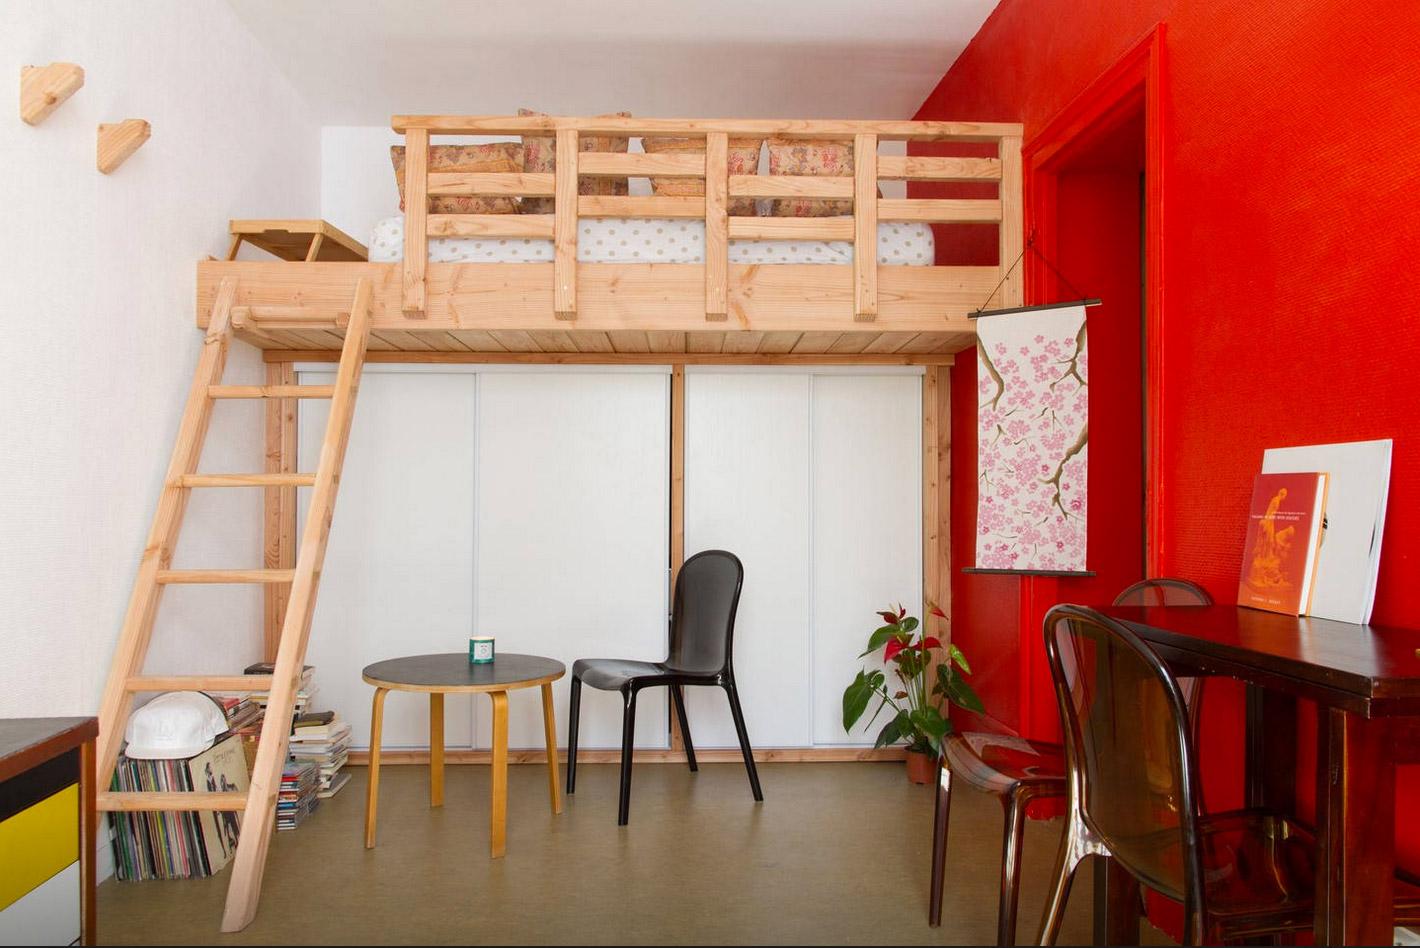 création d'une mezzanine et d'un espace rangement.